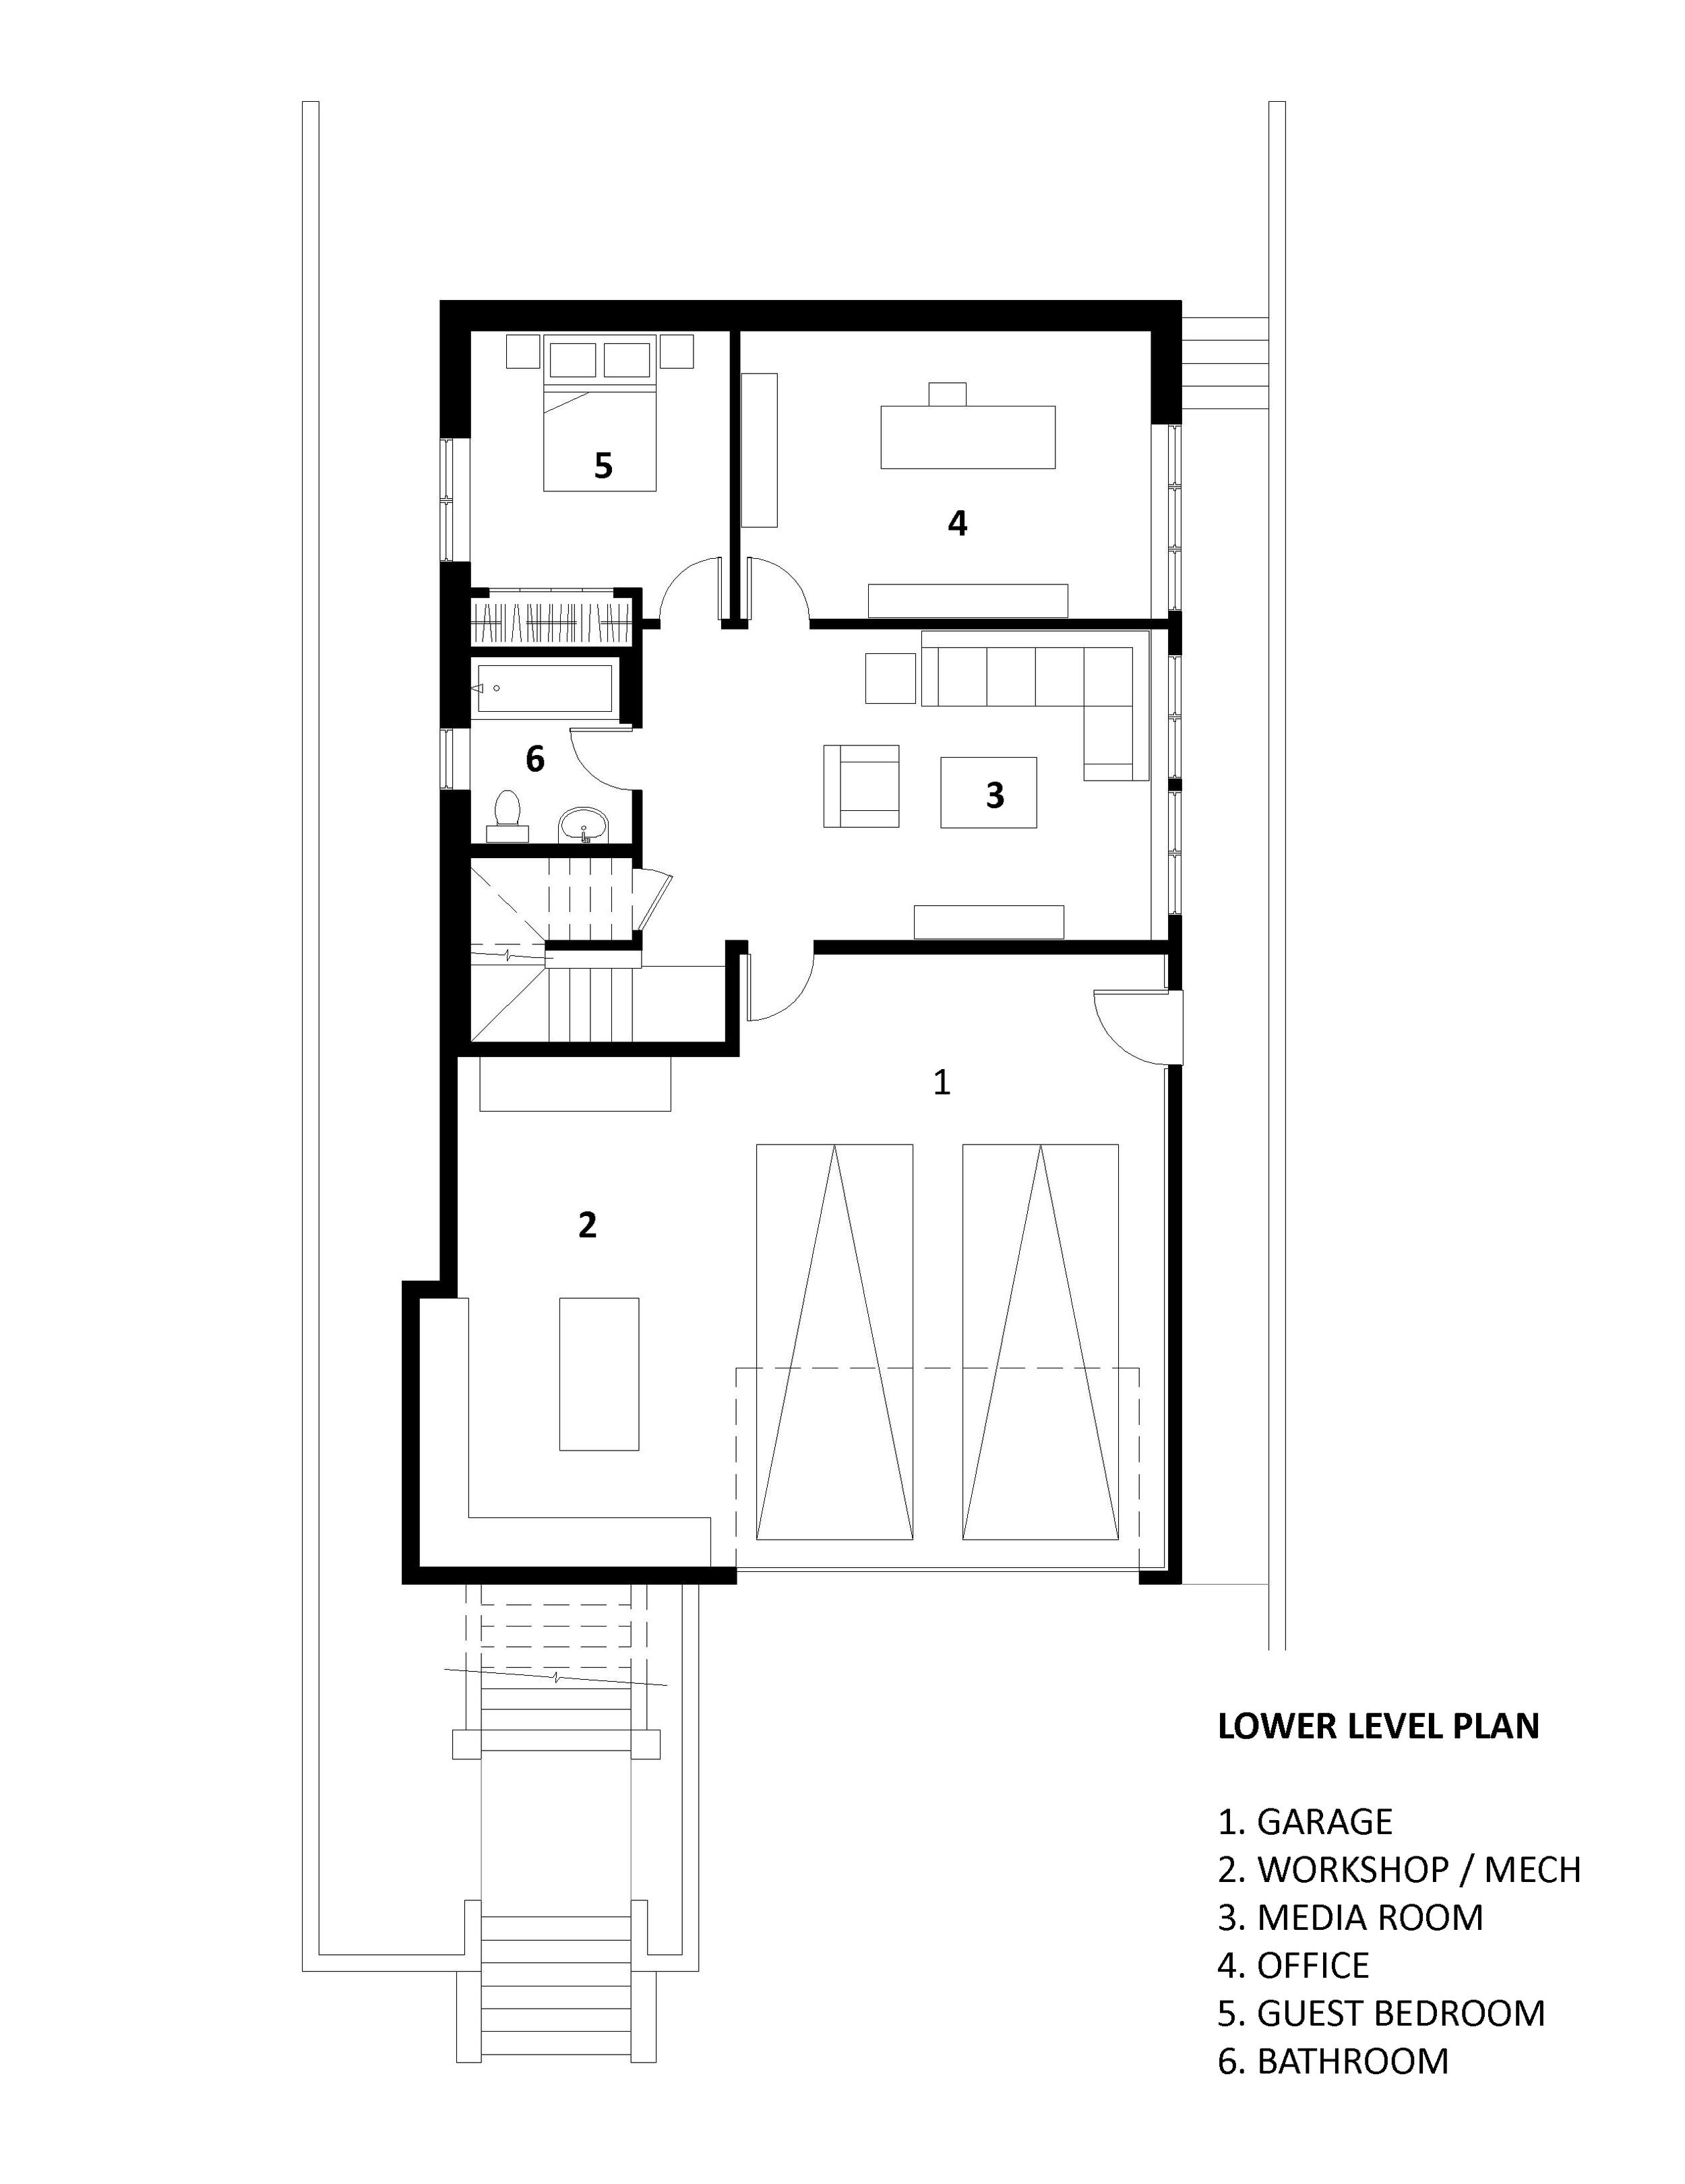 lower level plan for web.jpg